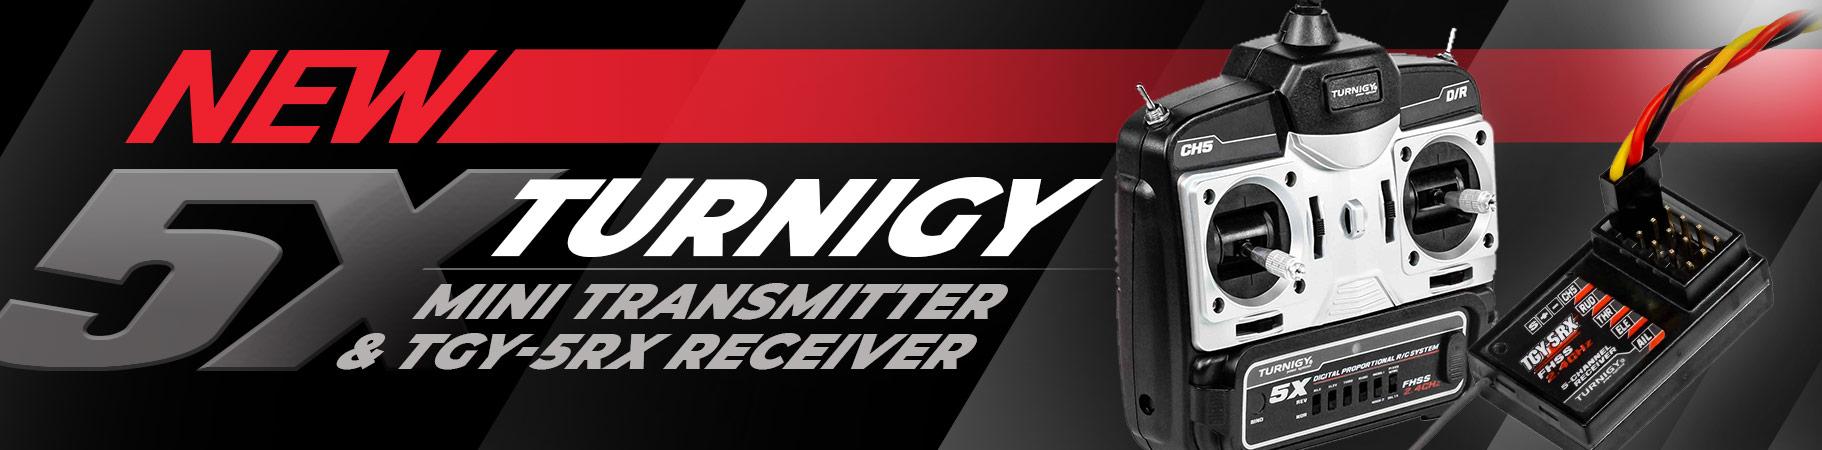 Turnigy-Transmitter.jpg